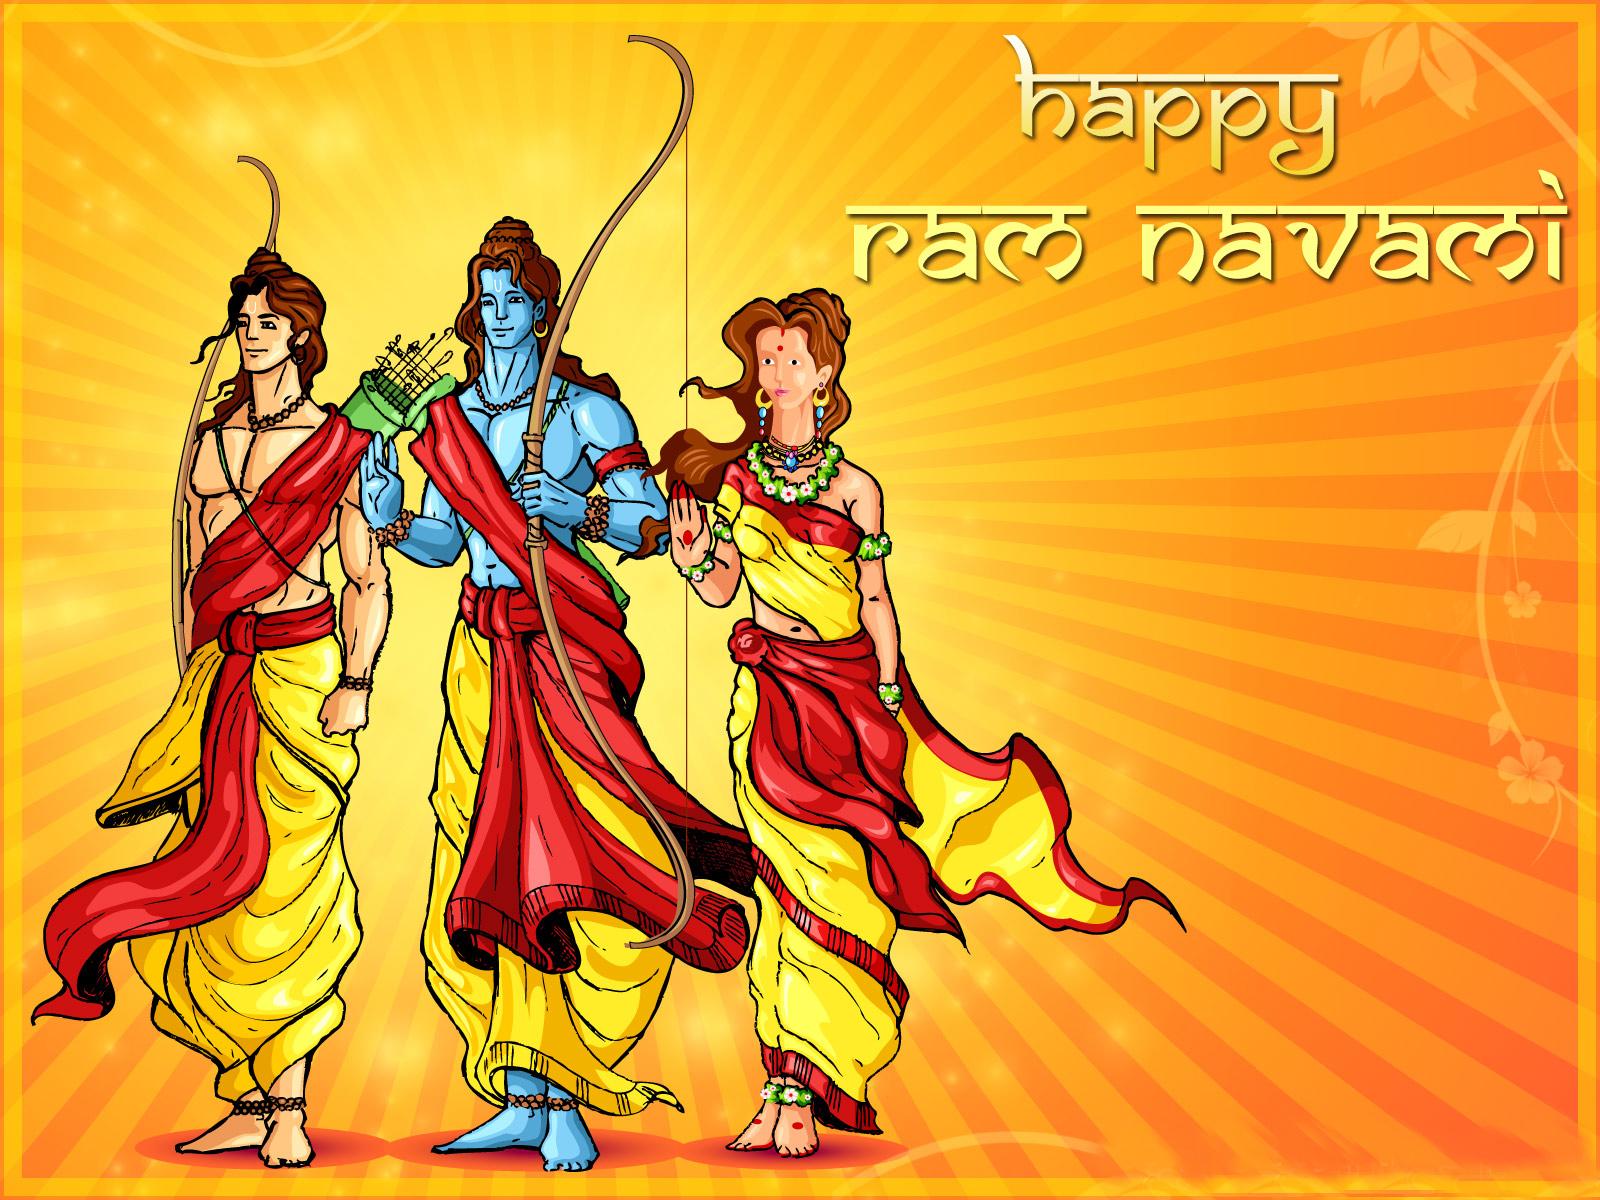 Happy Ram Navami Images Hd Download